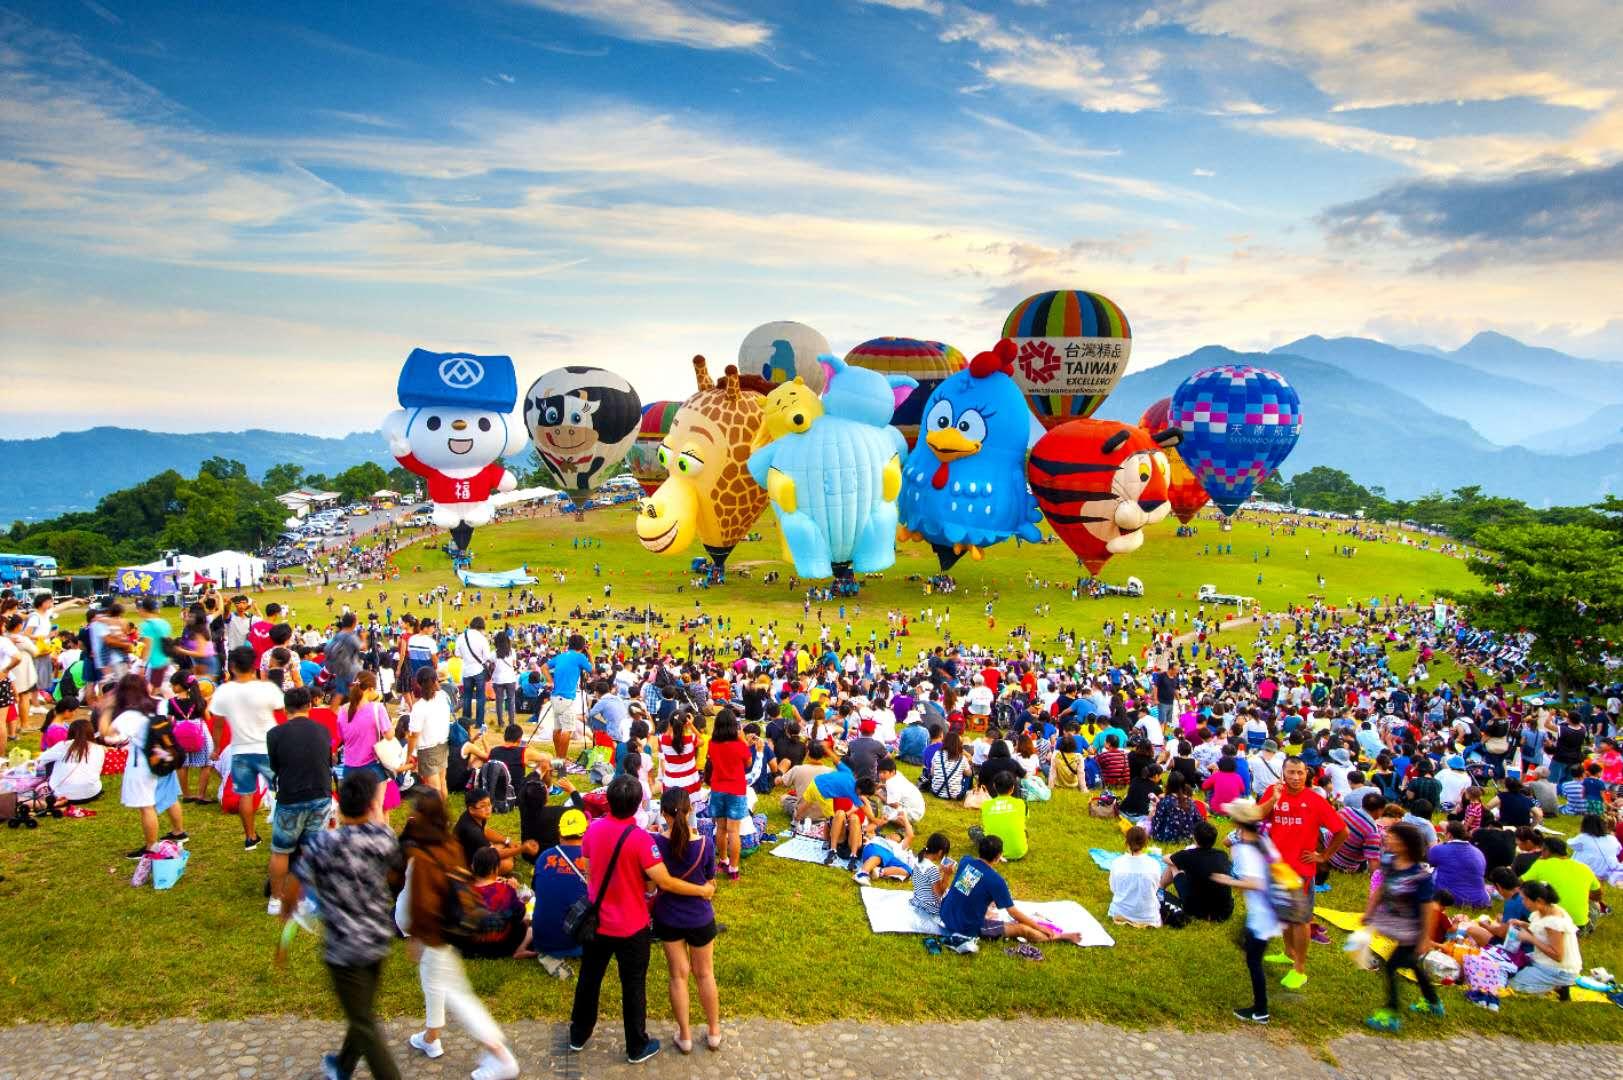 2018年臺灣國際熱氣球嘉年華 – dittou